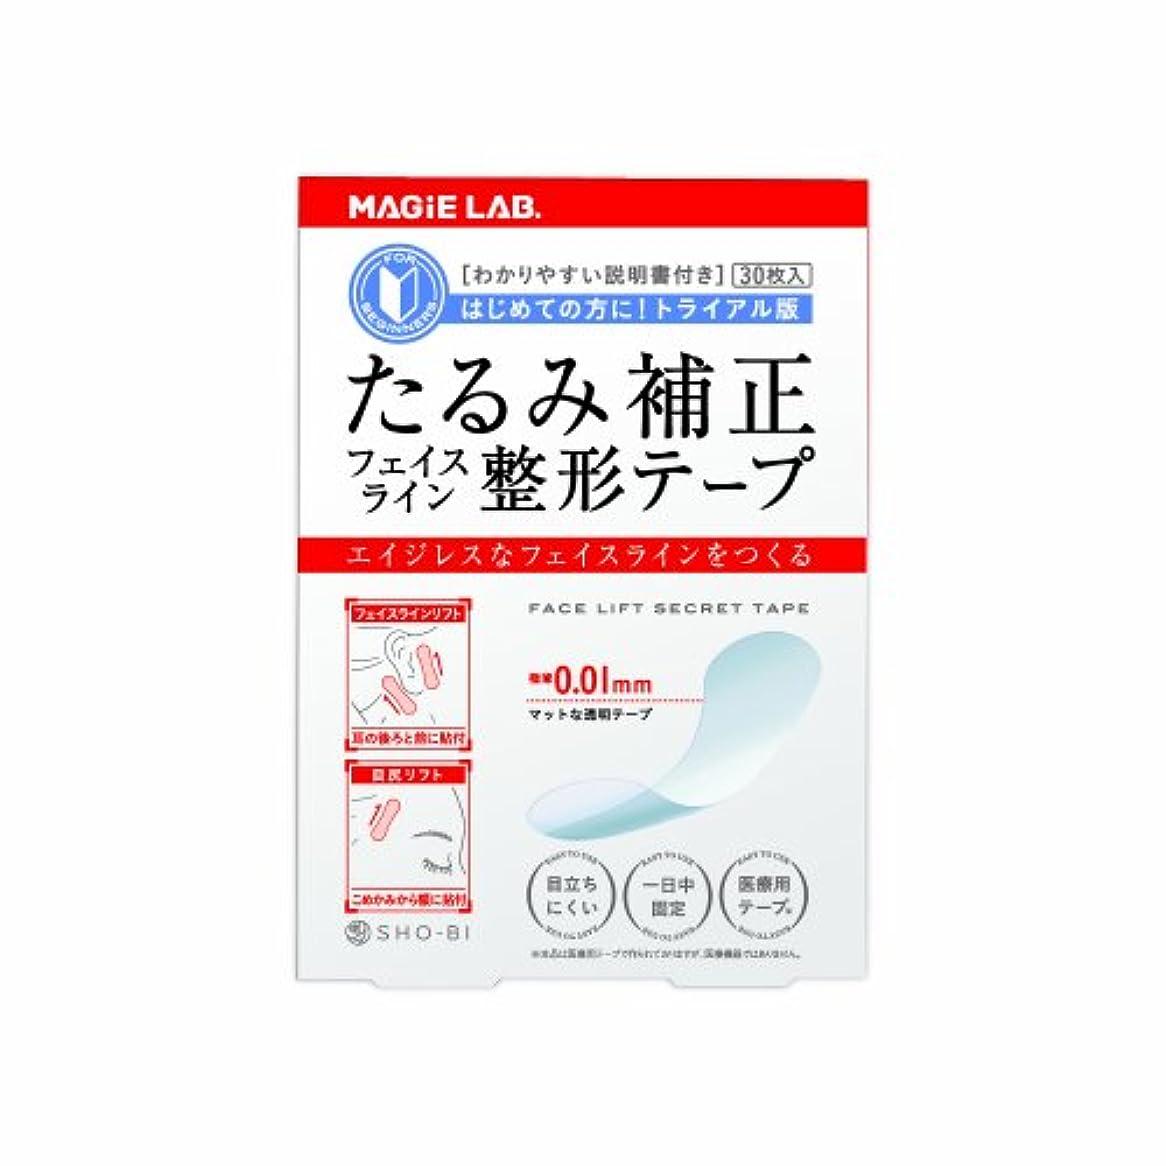 膨張する瞑想する化合物MG22106 フェイスライン 整形テープ トライアル版 30枚入 マジラボ MAGiE LAB.